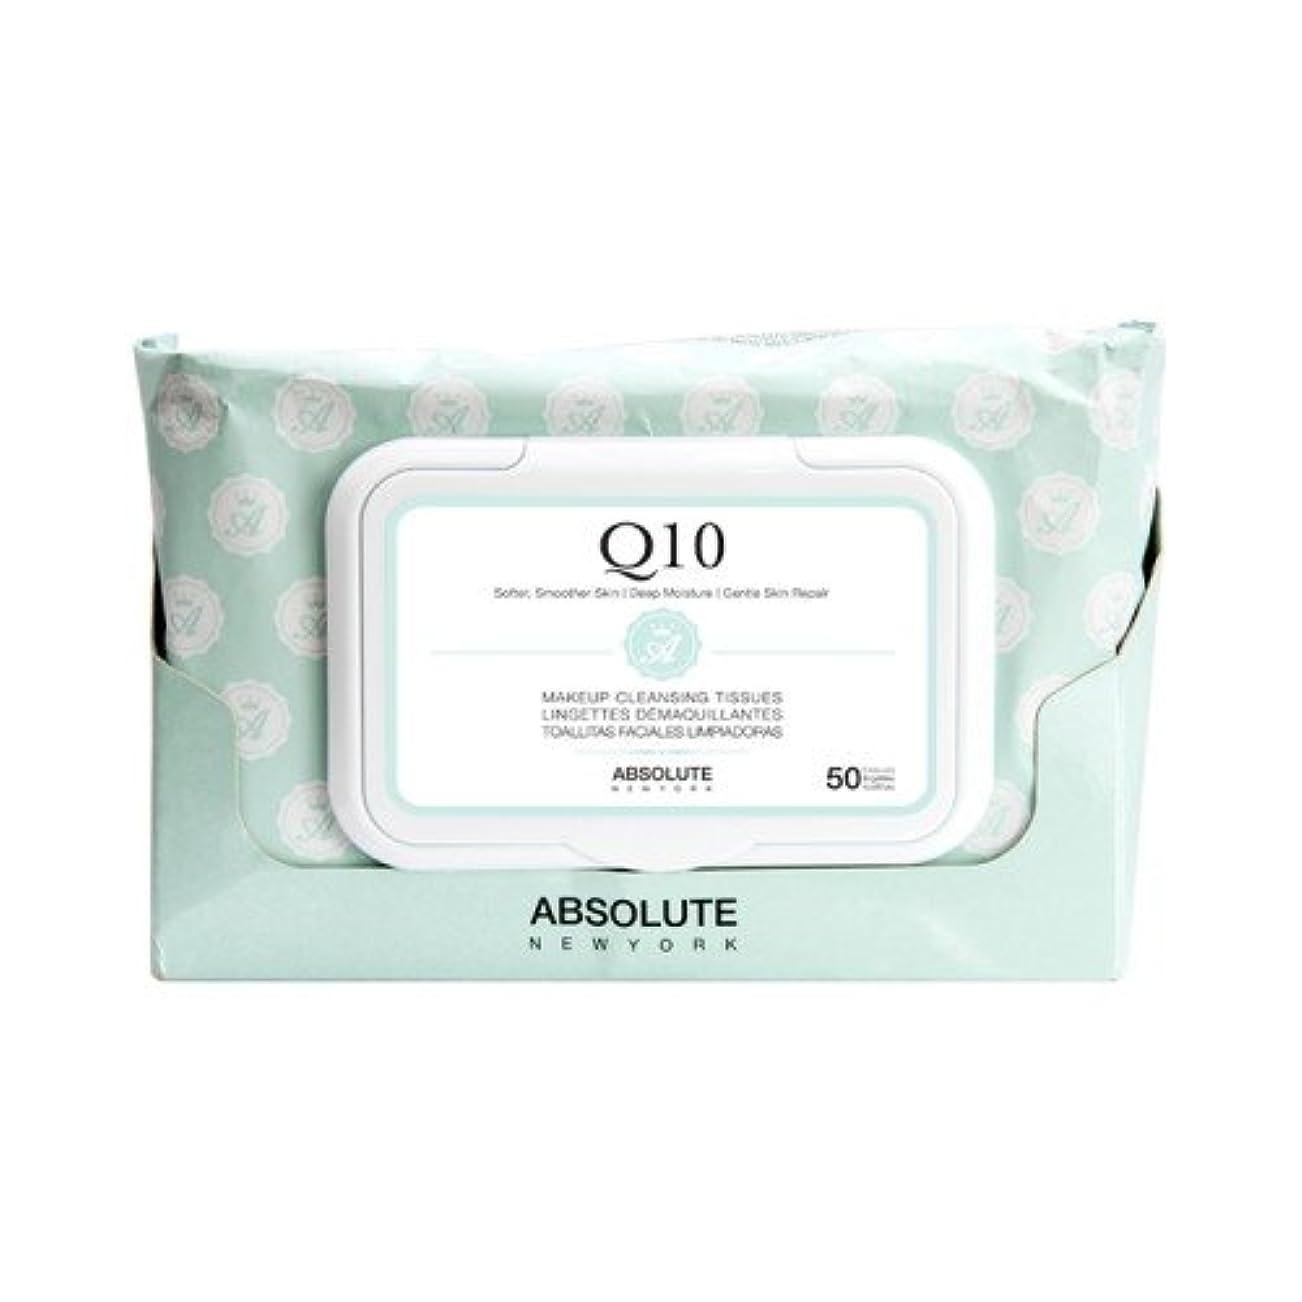 関税抑圧広々とした(3 Pack) ABSOLUTE Makeup Cleansing Tissue 50CT - Q10 (並行輸入品)